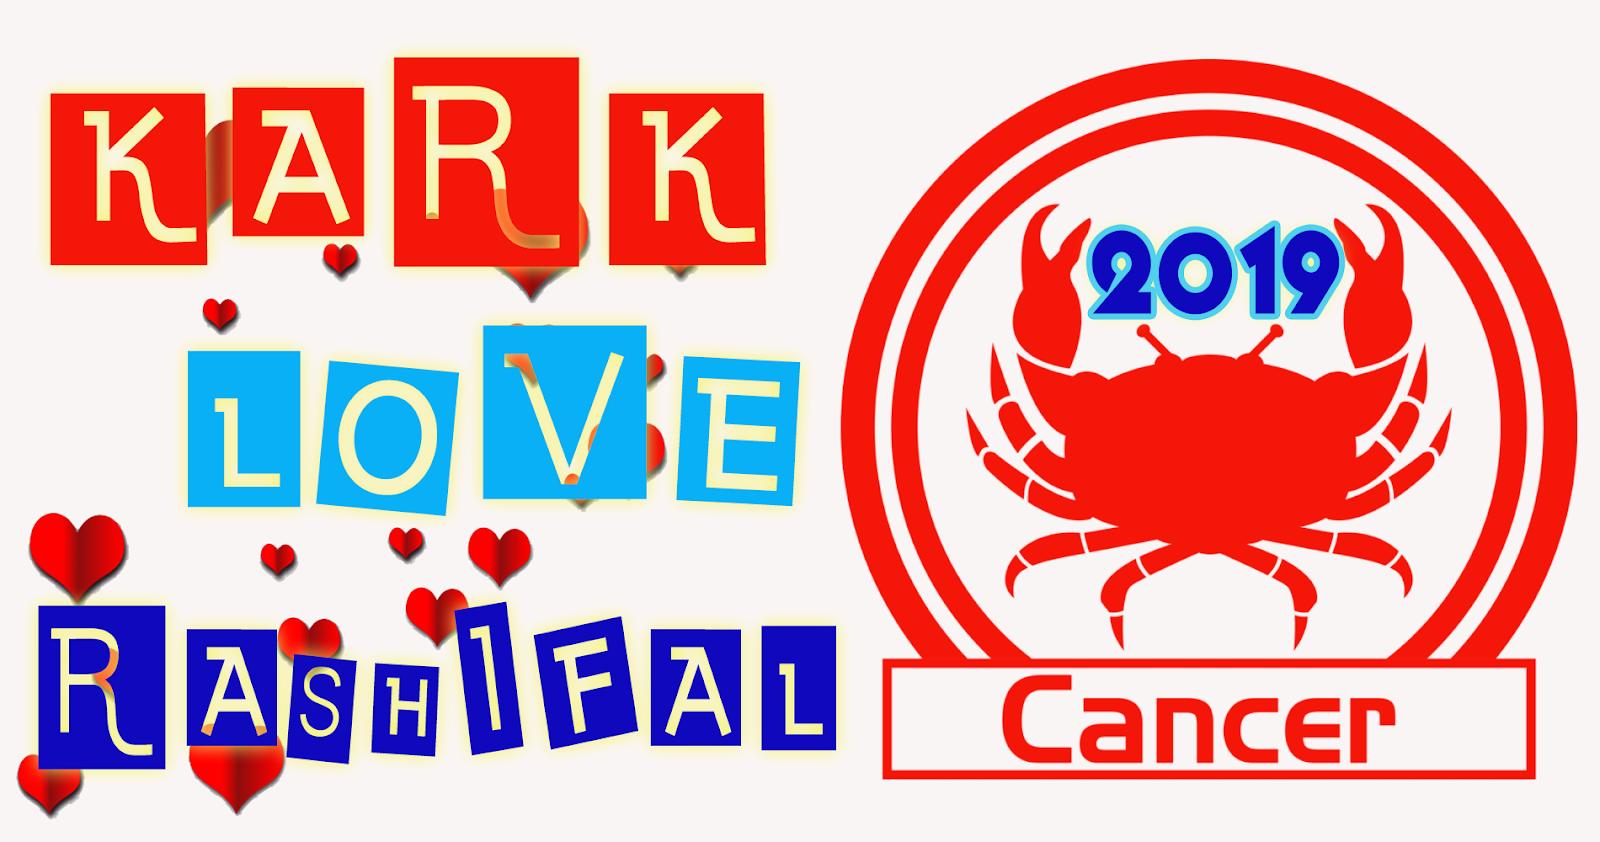 kark rashi love rashifal 2019 | Cancer Love Horoscope 2019